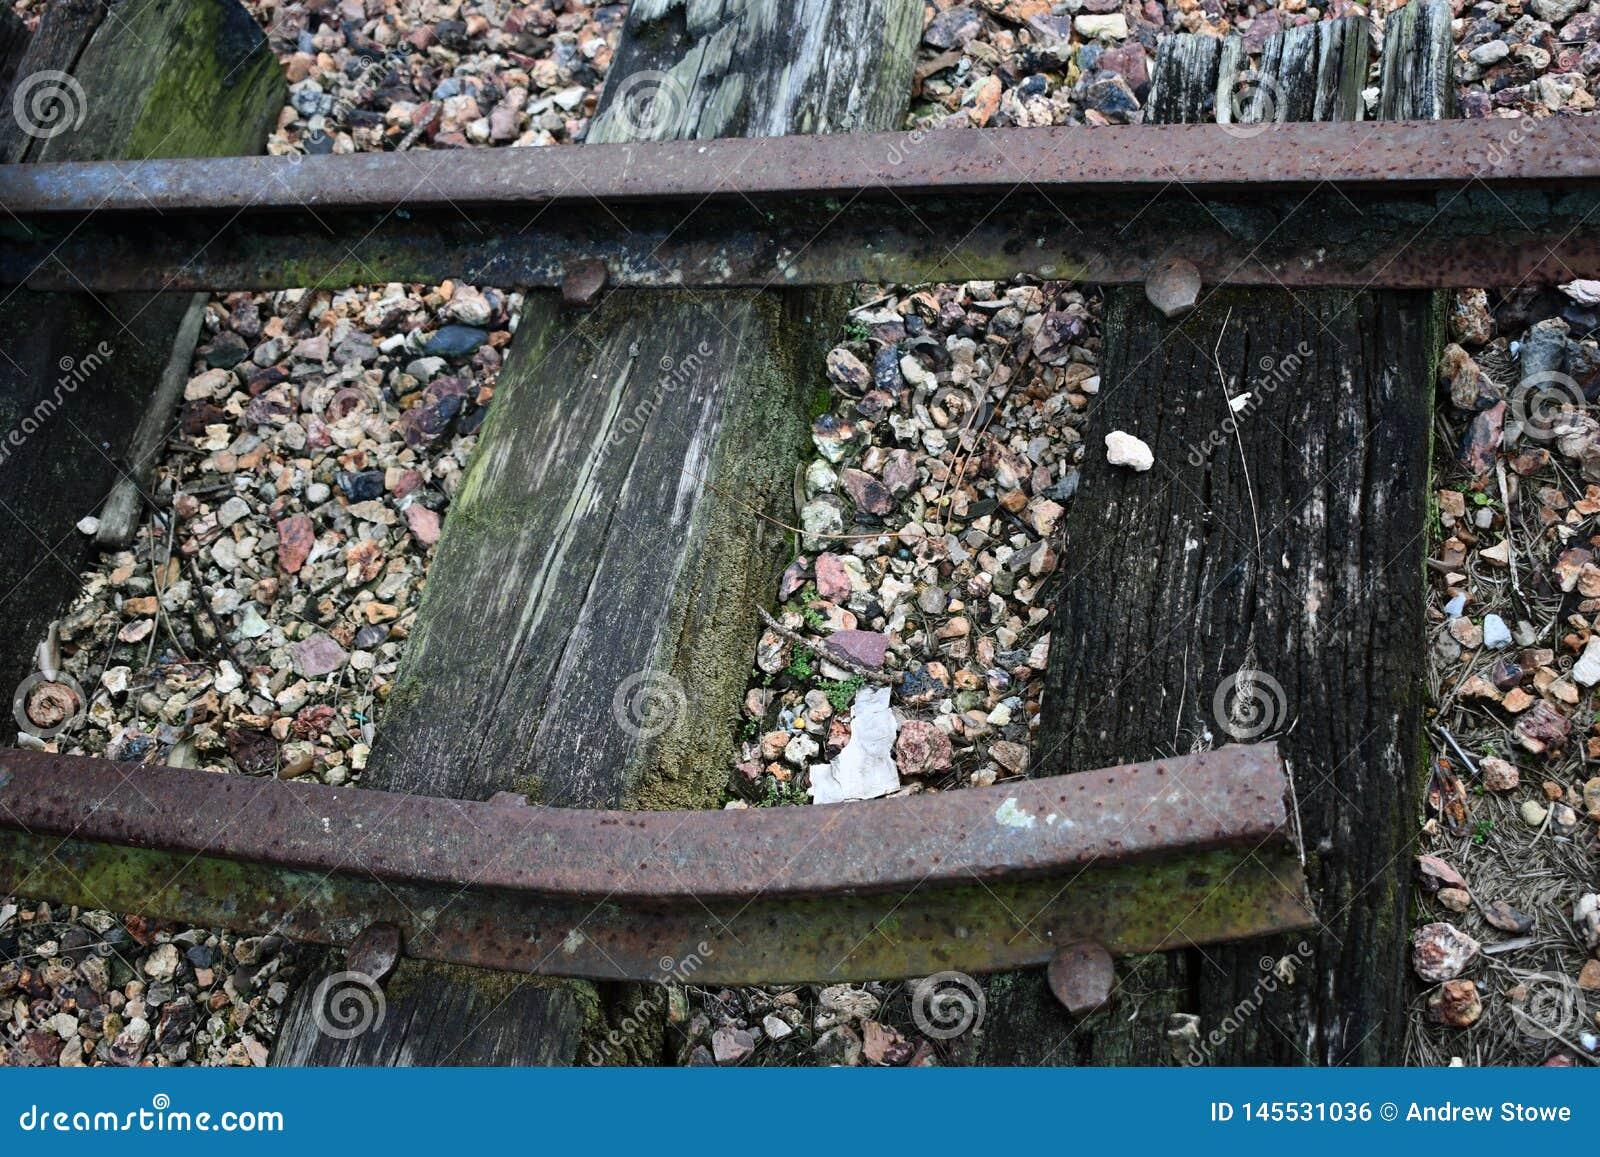 Trilha quebrada do trem com cascalho